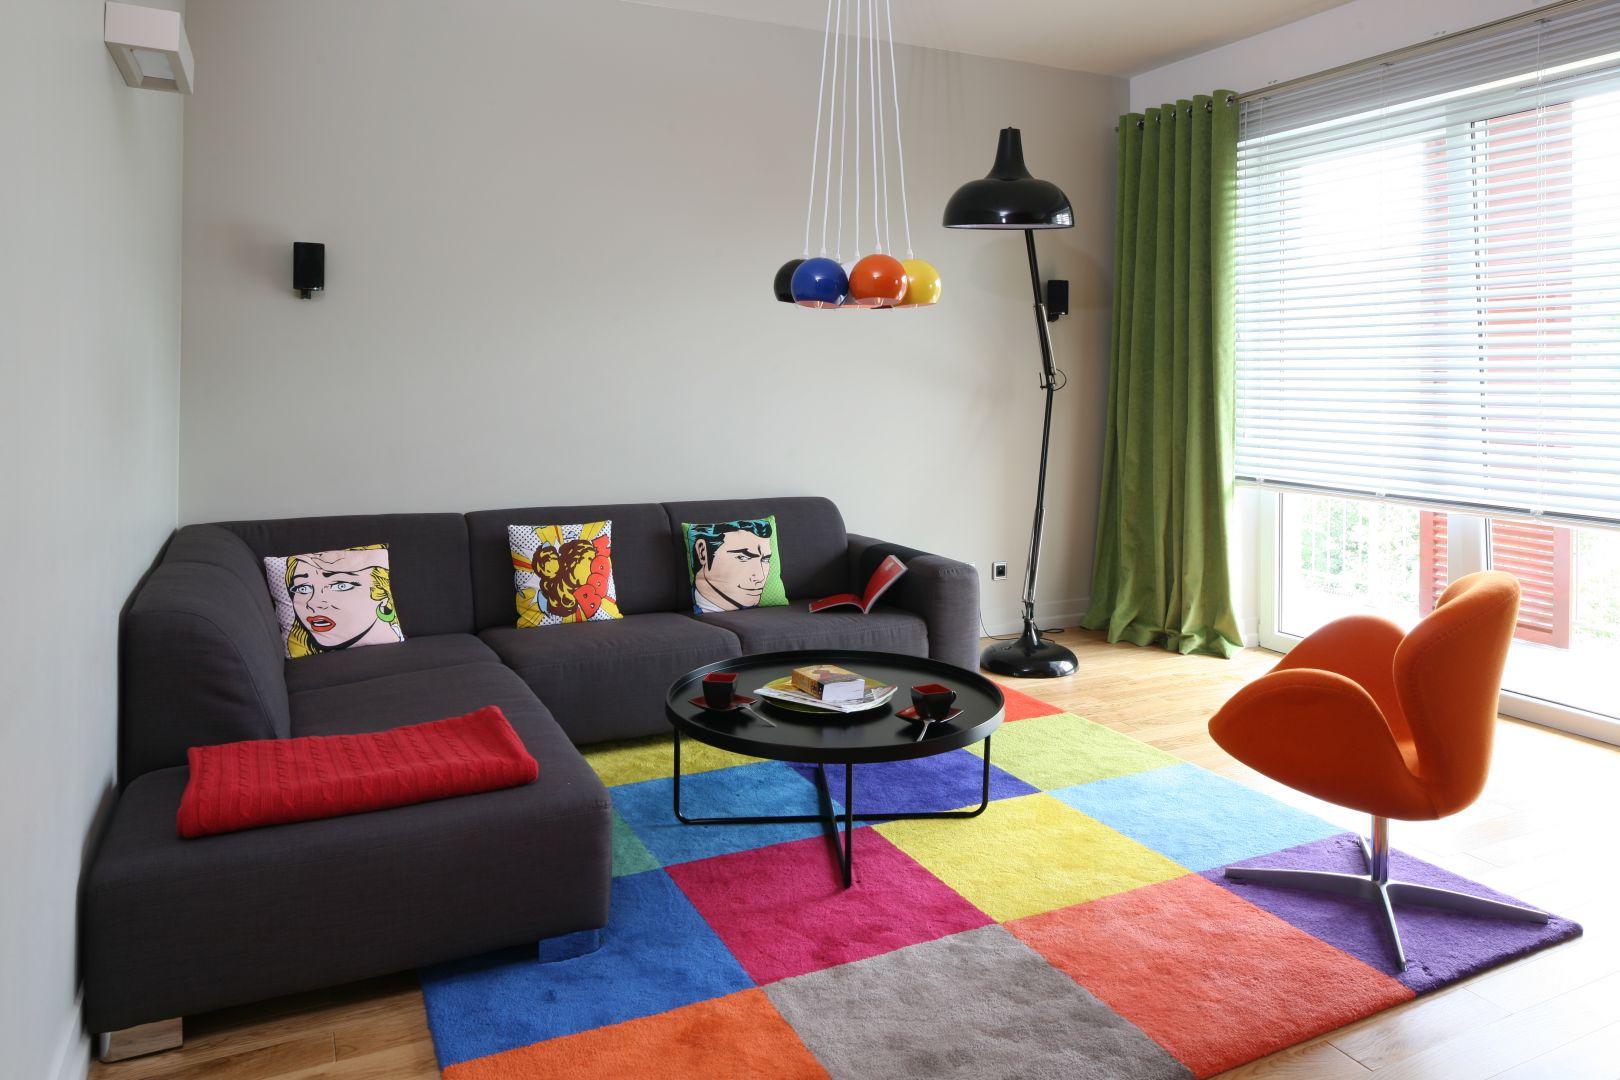 Kolorowe akcenty wnoszą do wnętrza ciekawy wyraz. Mimo, że meble ograniczono tu do minimum, pokój wcale nie wydaje się pusty. Projekt: Dorota Szafrańska. Fot. Bartosz Jarosz